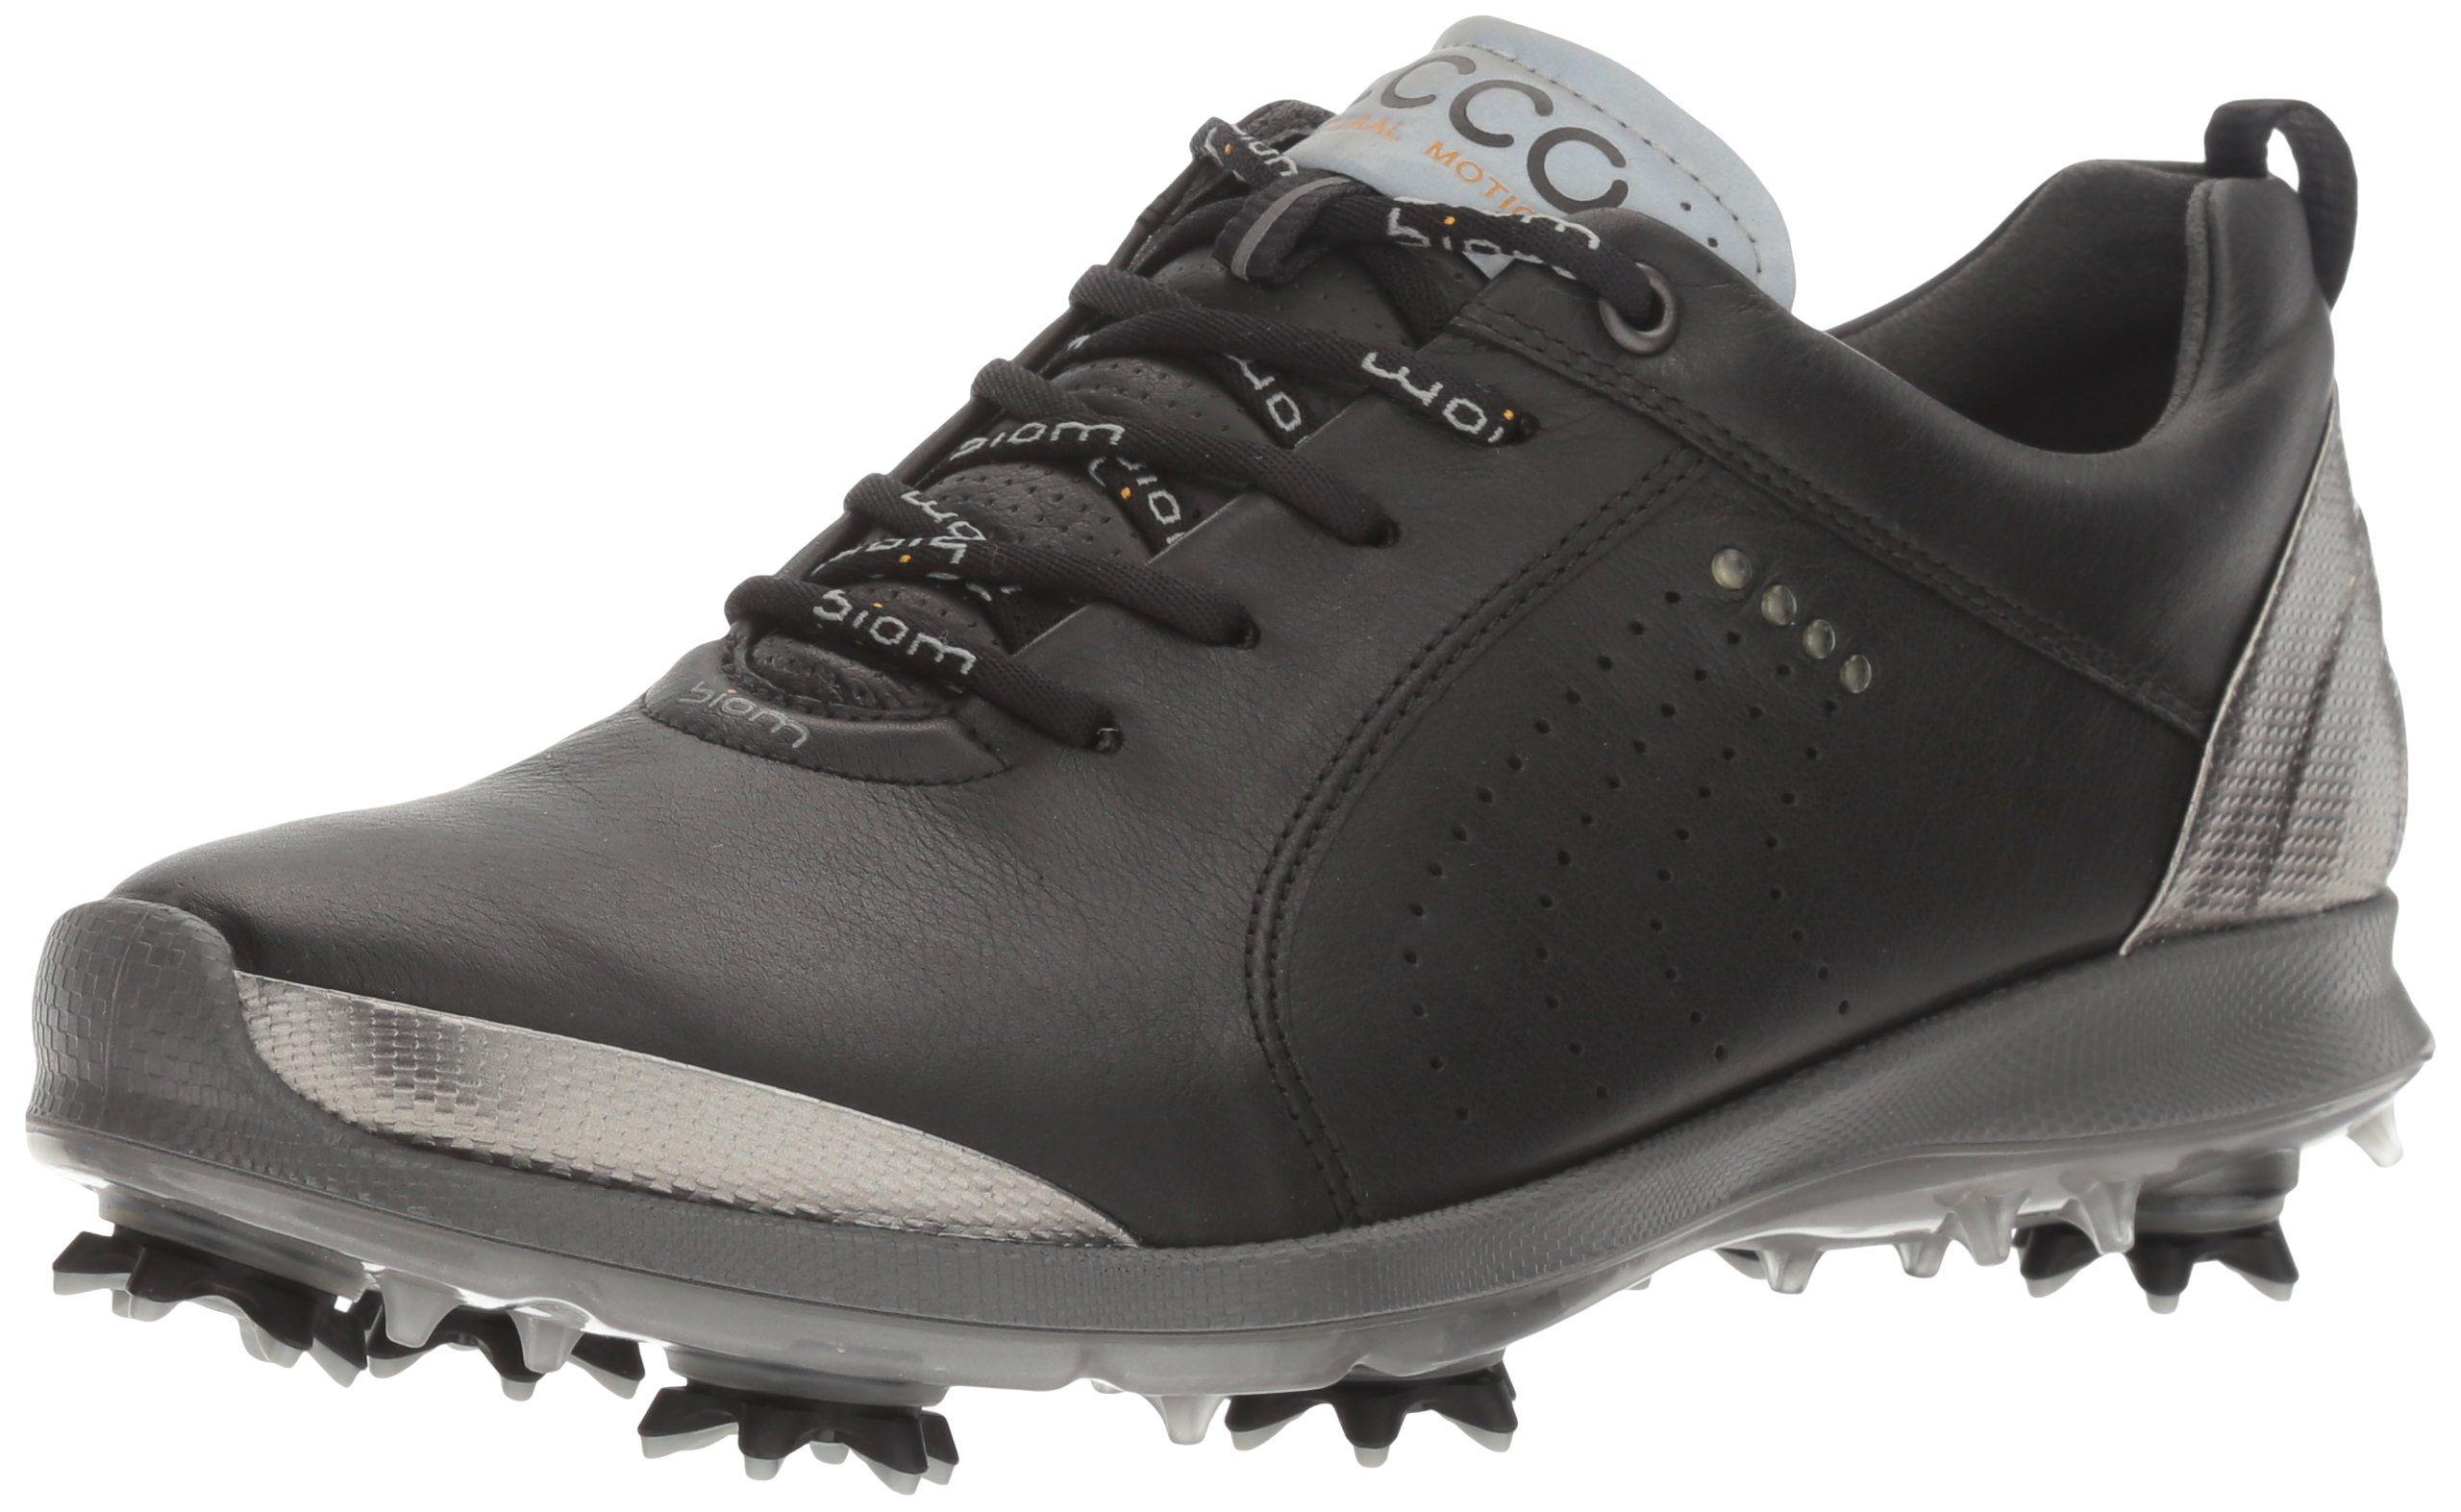 ECCO Women's Boim G 2 Free Golf Shoe, Black/Buffed Silver, 39 EU